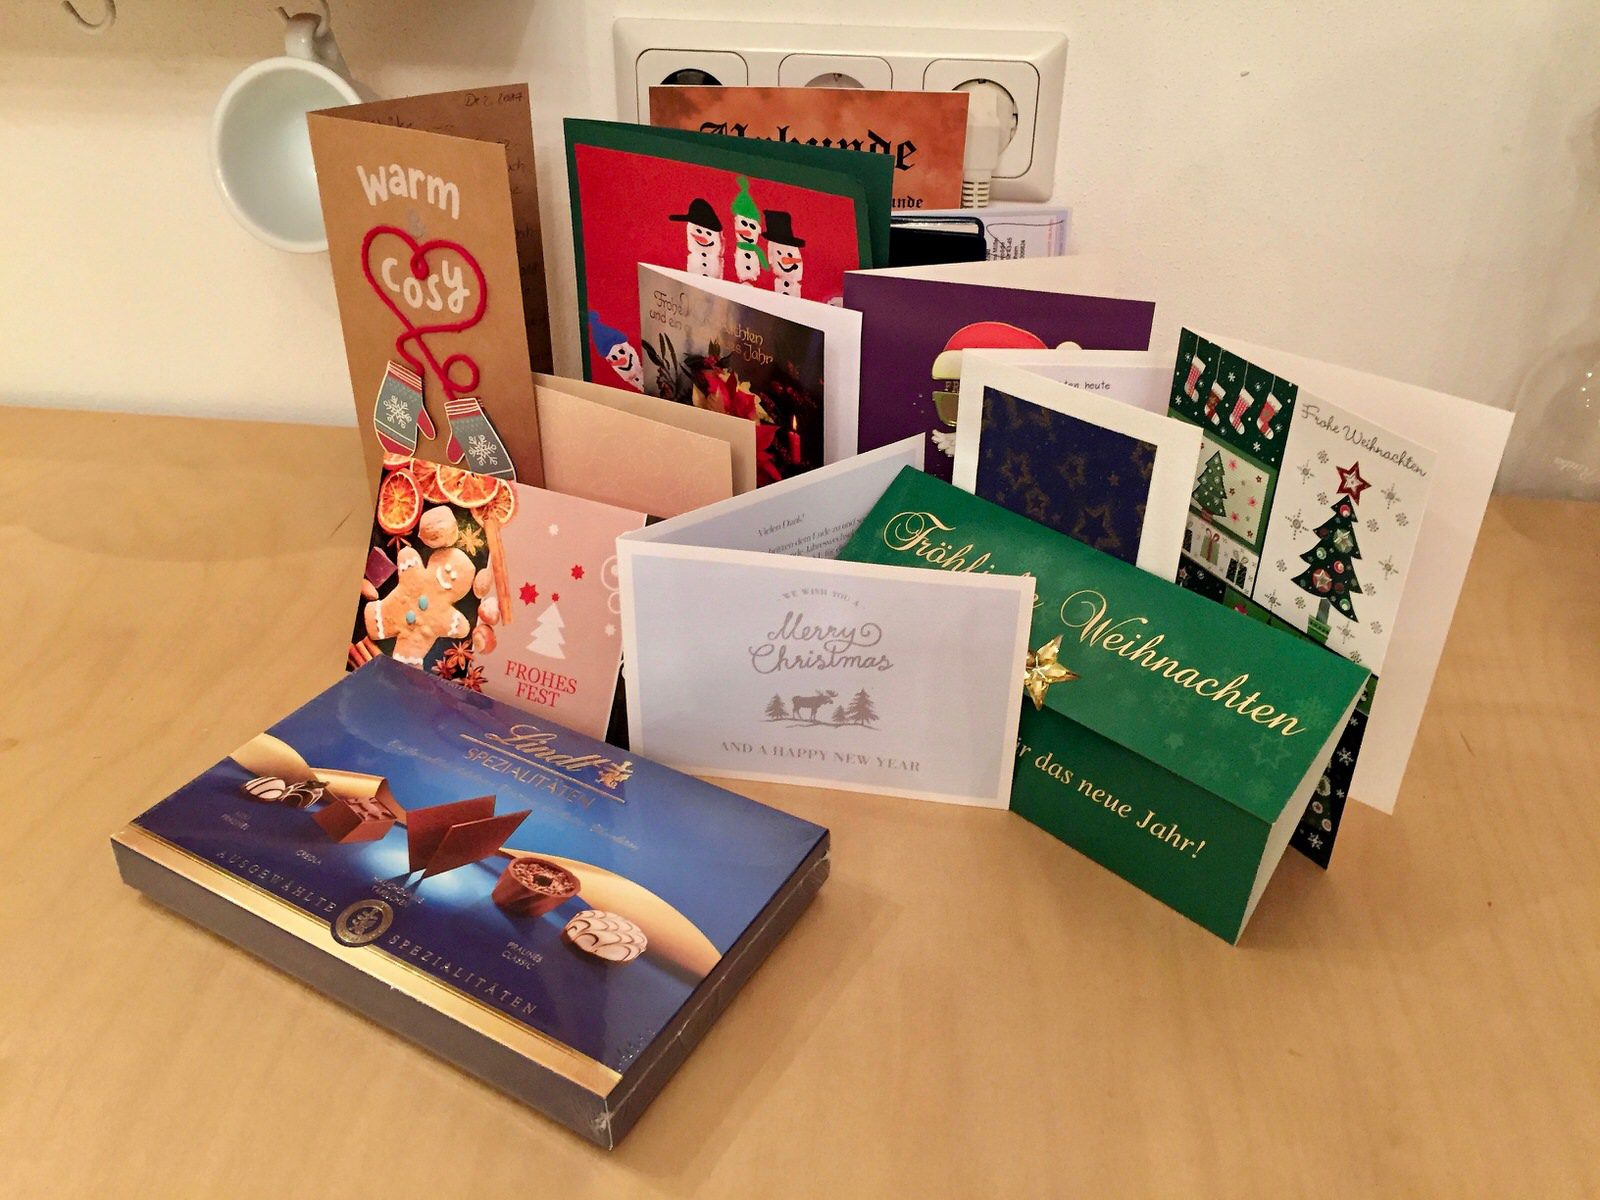 Vielen lieben Dank für deine Weihnachtsgrüße. Wir haben uns sehr gefreut!